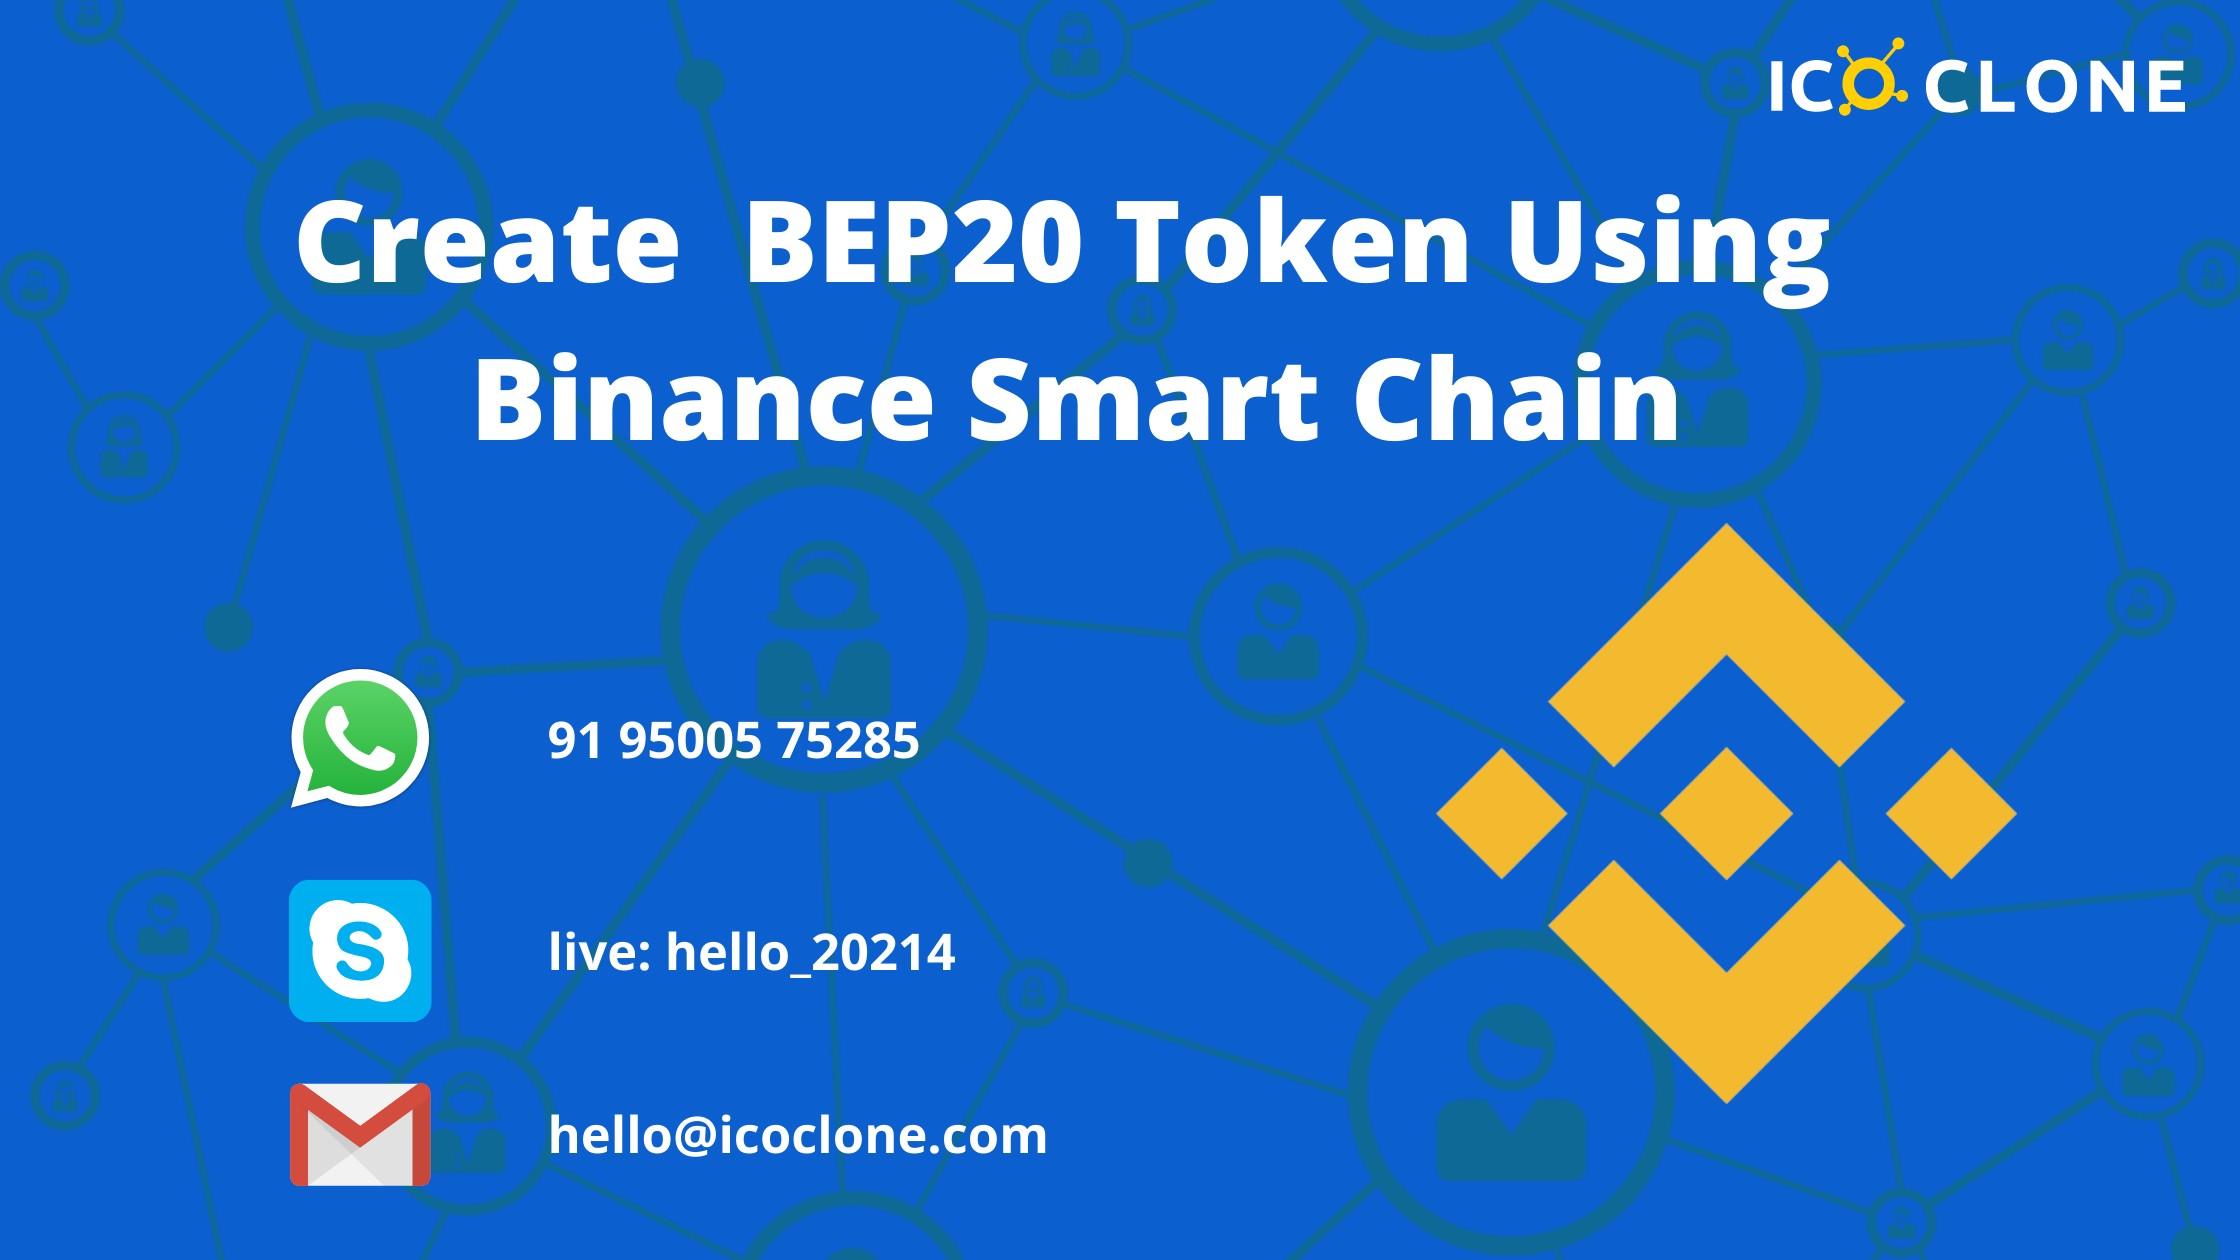 Create BEP20 token using Binance Smart Chain